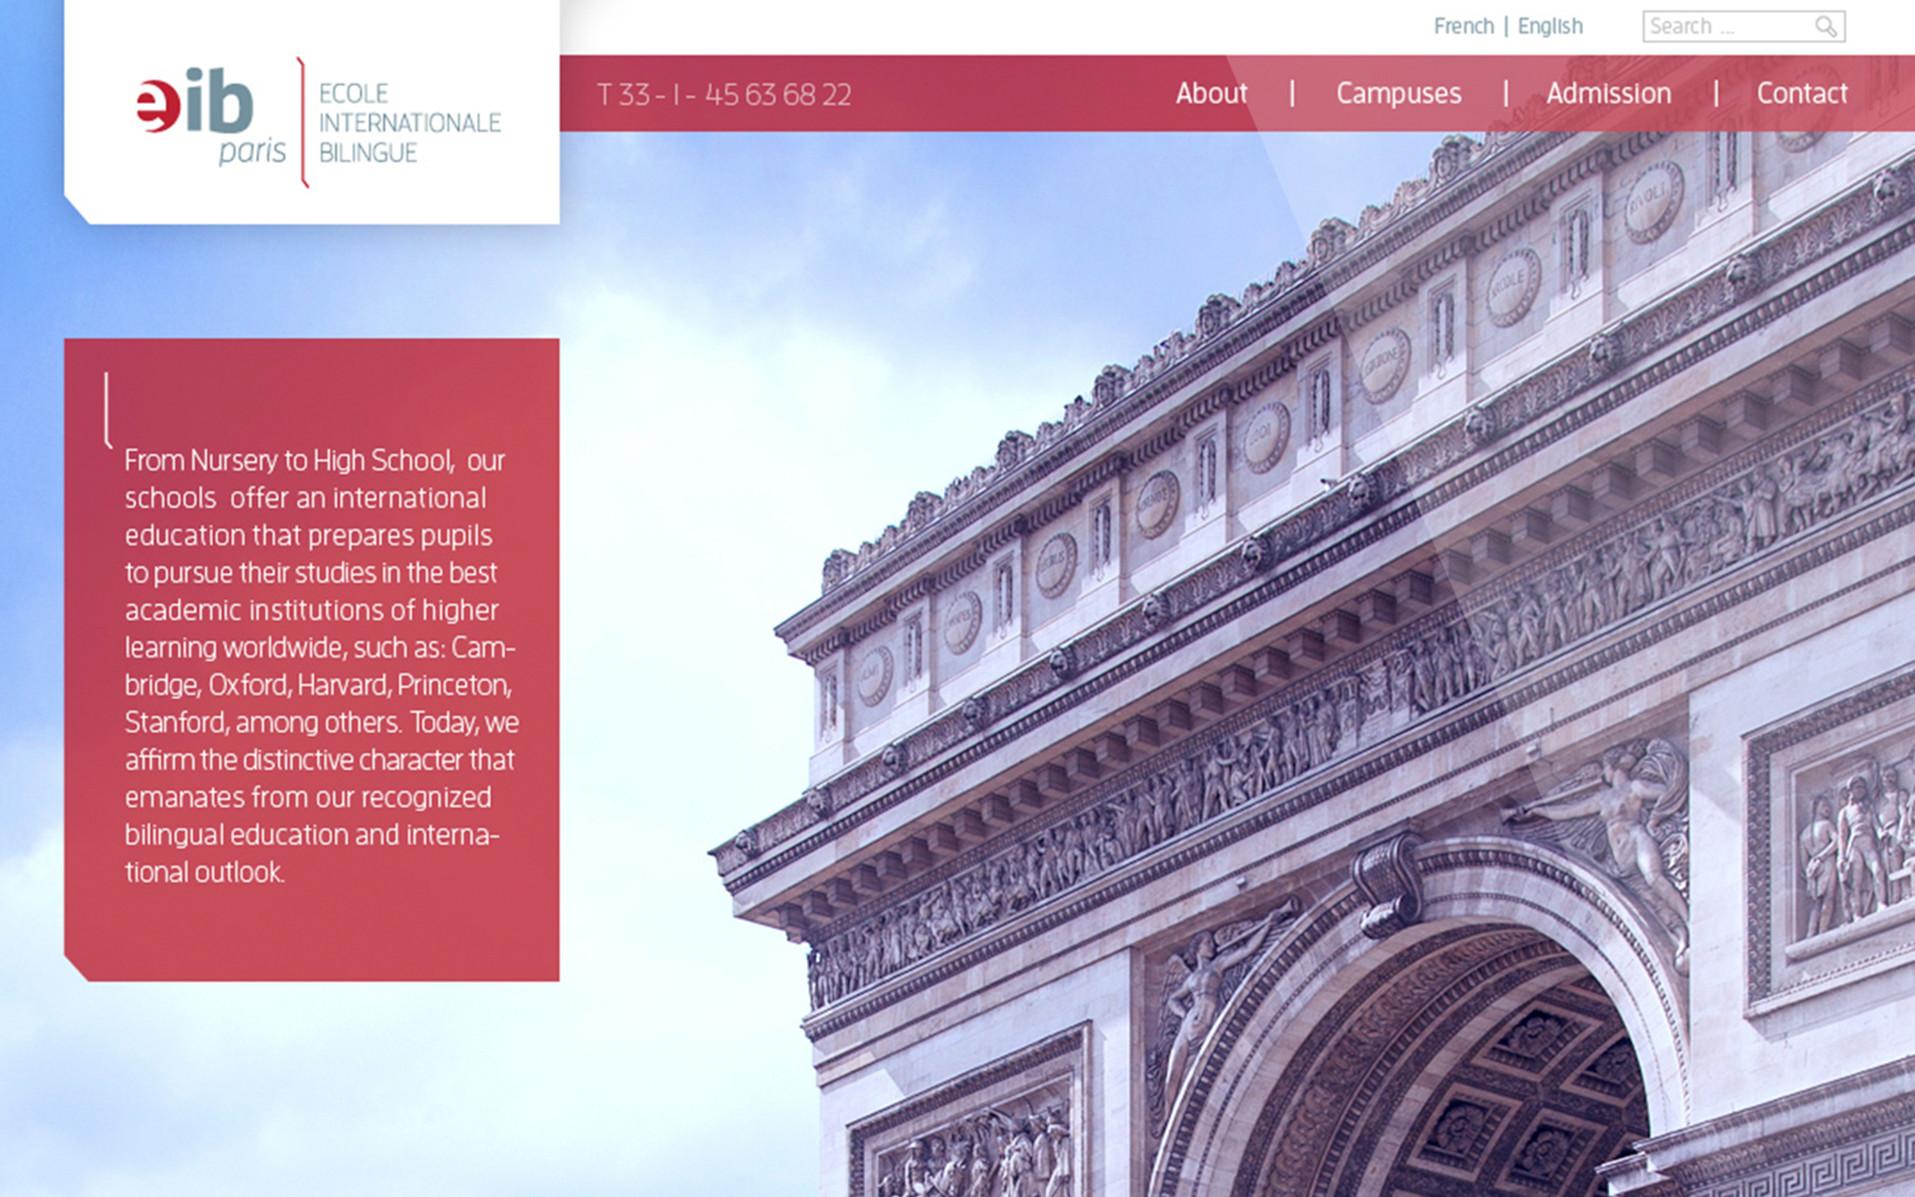 EIB Paris Corporate Design